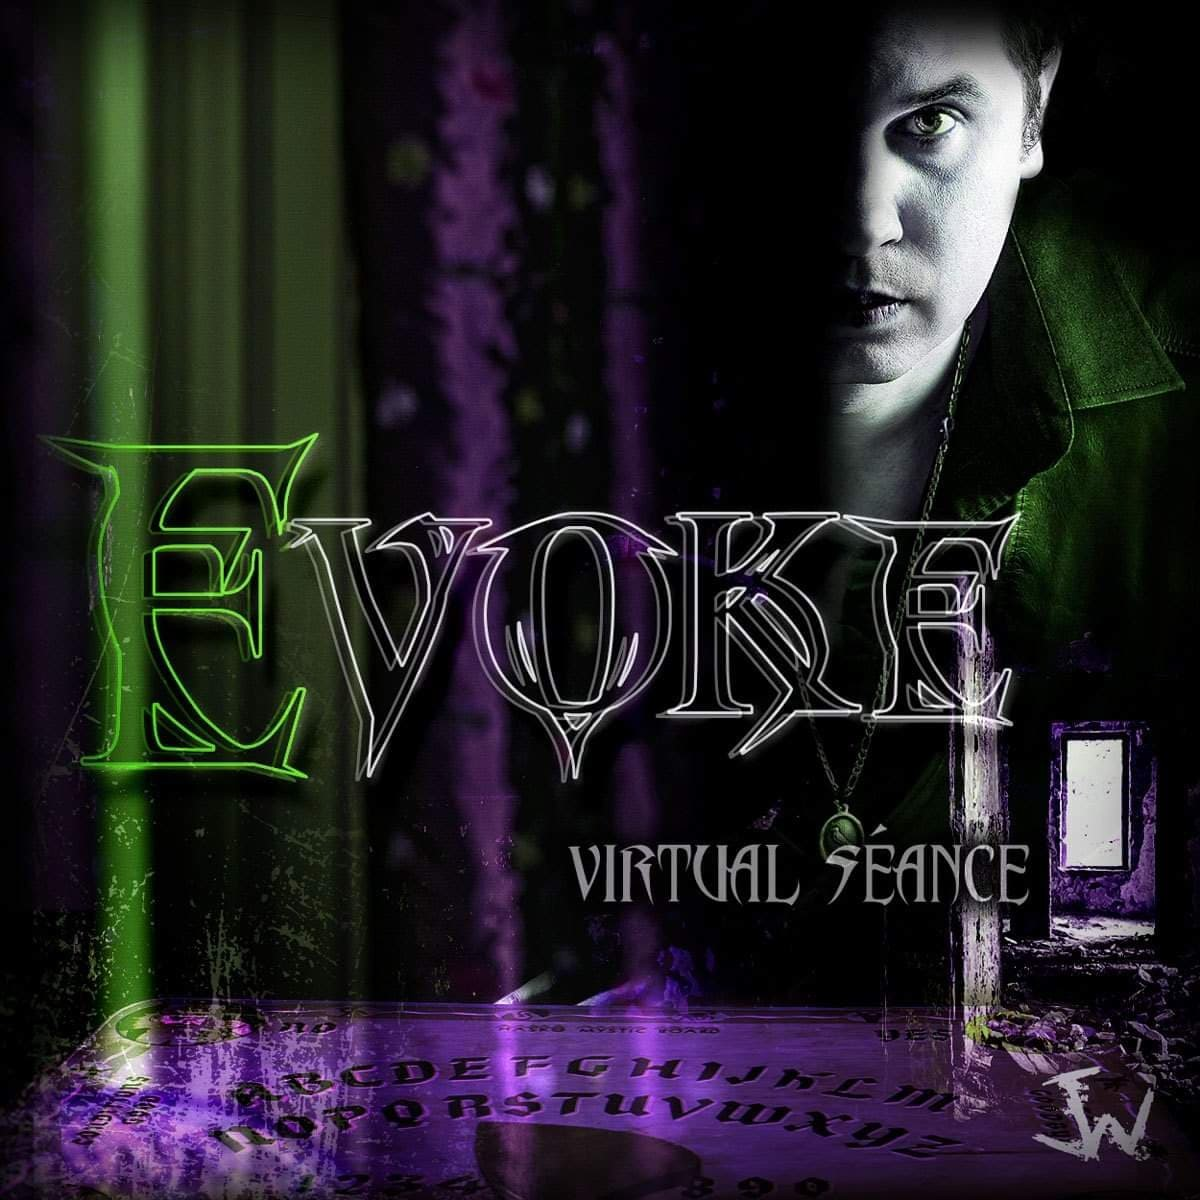 Séance: Evoke by Jaymes White